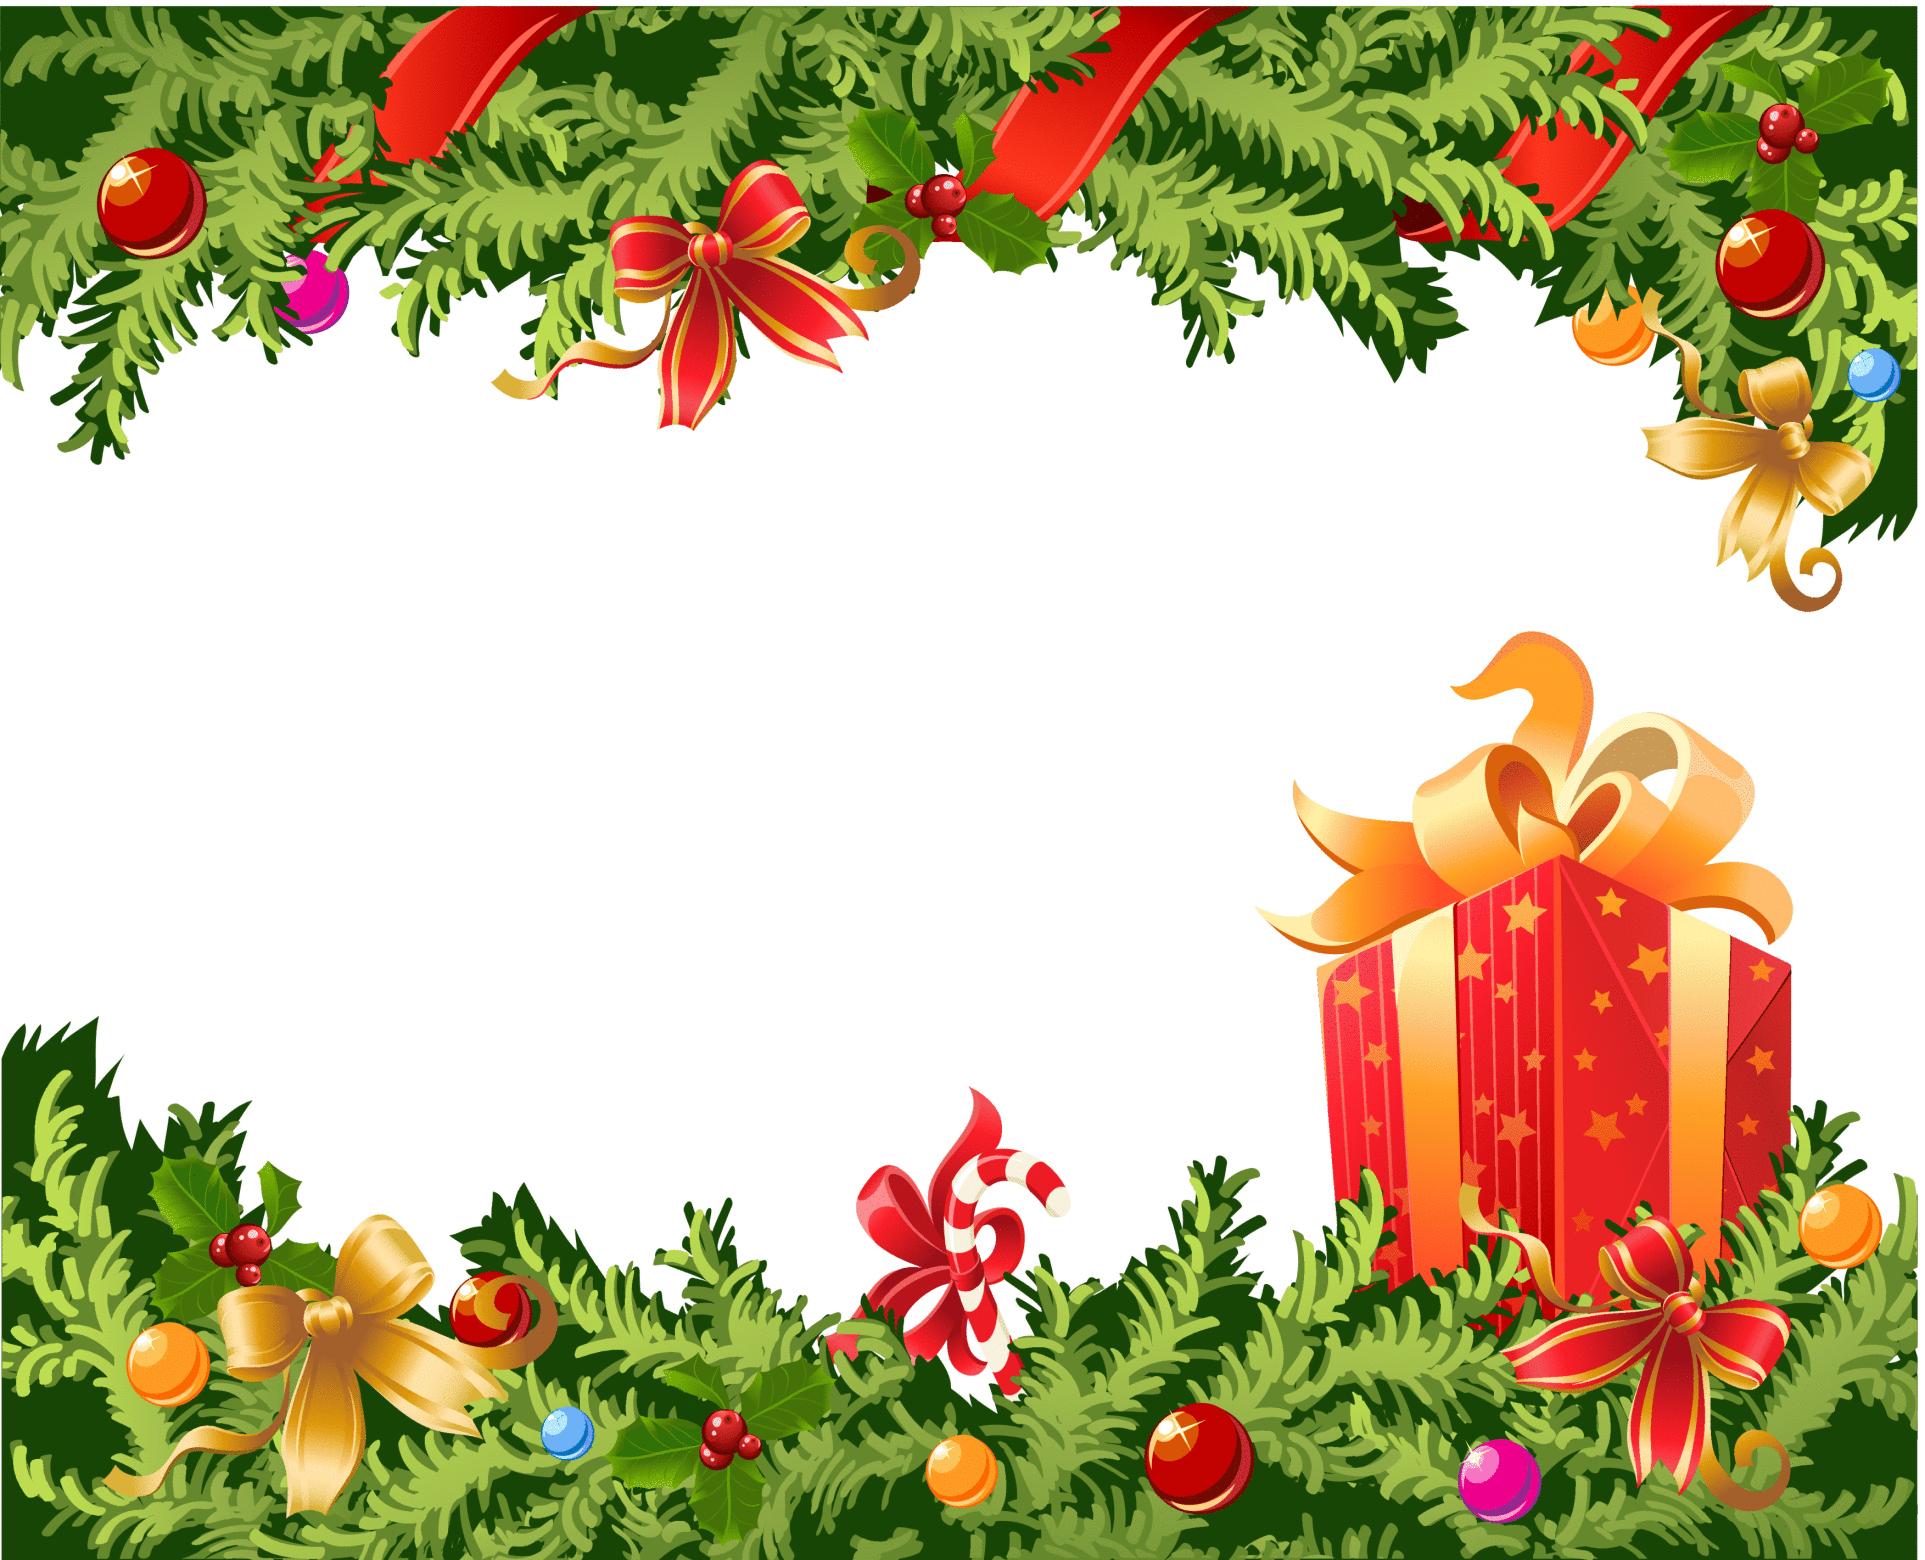 Tarjetas navideñas para personalizar - Guía de MANUALIDADES